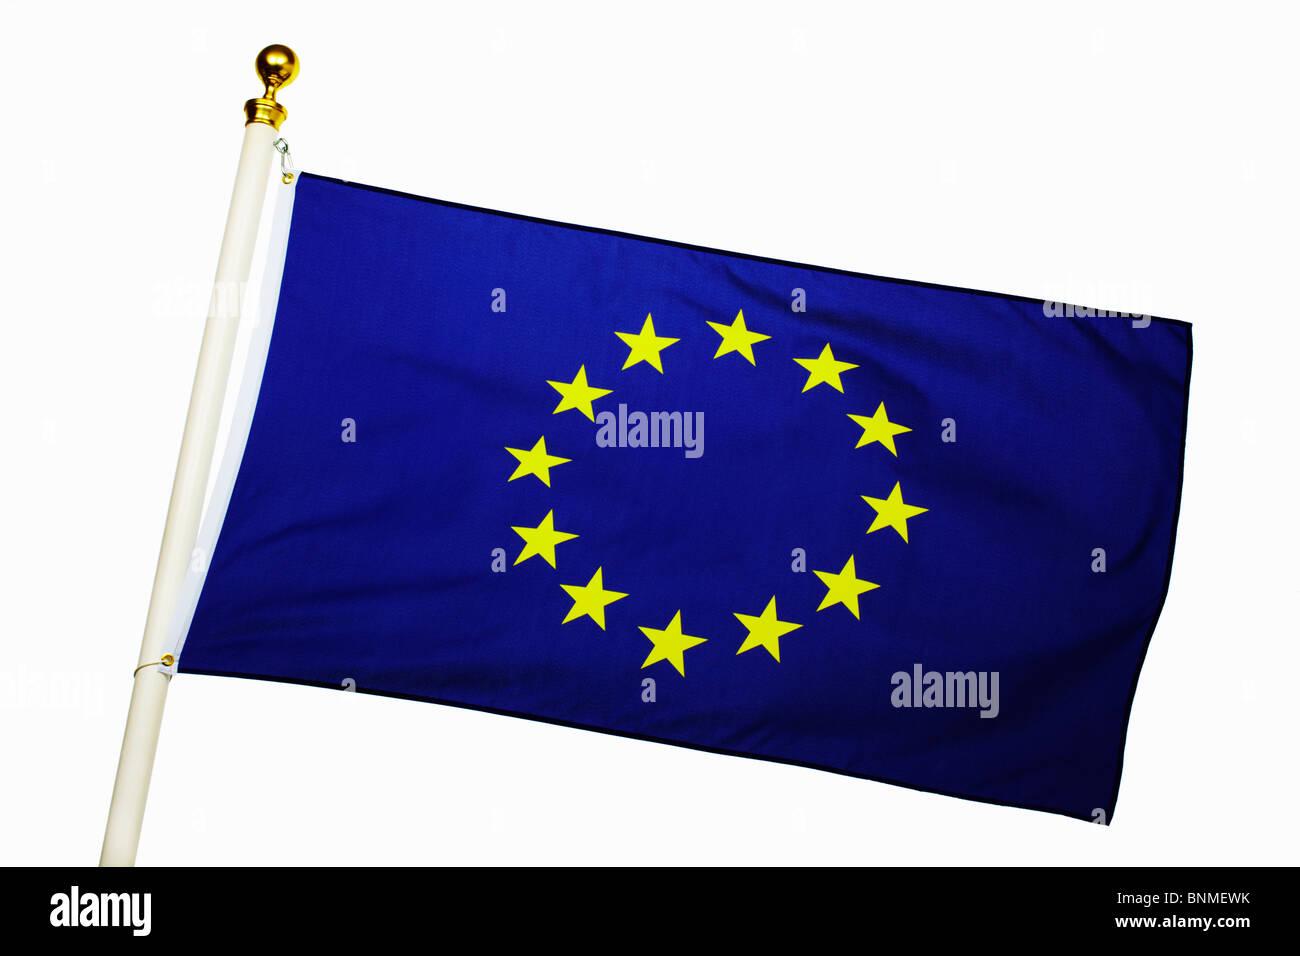 Drapeau de l'Union européenne Photo Stock